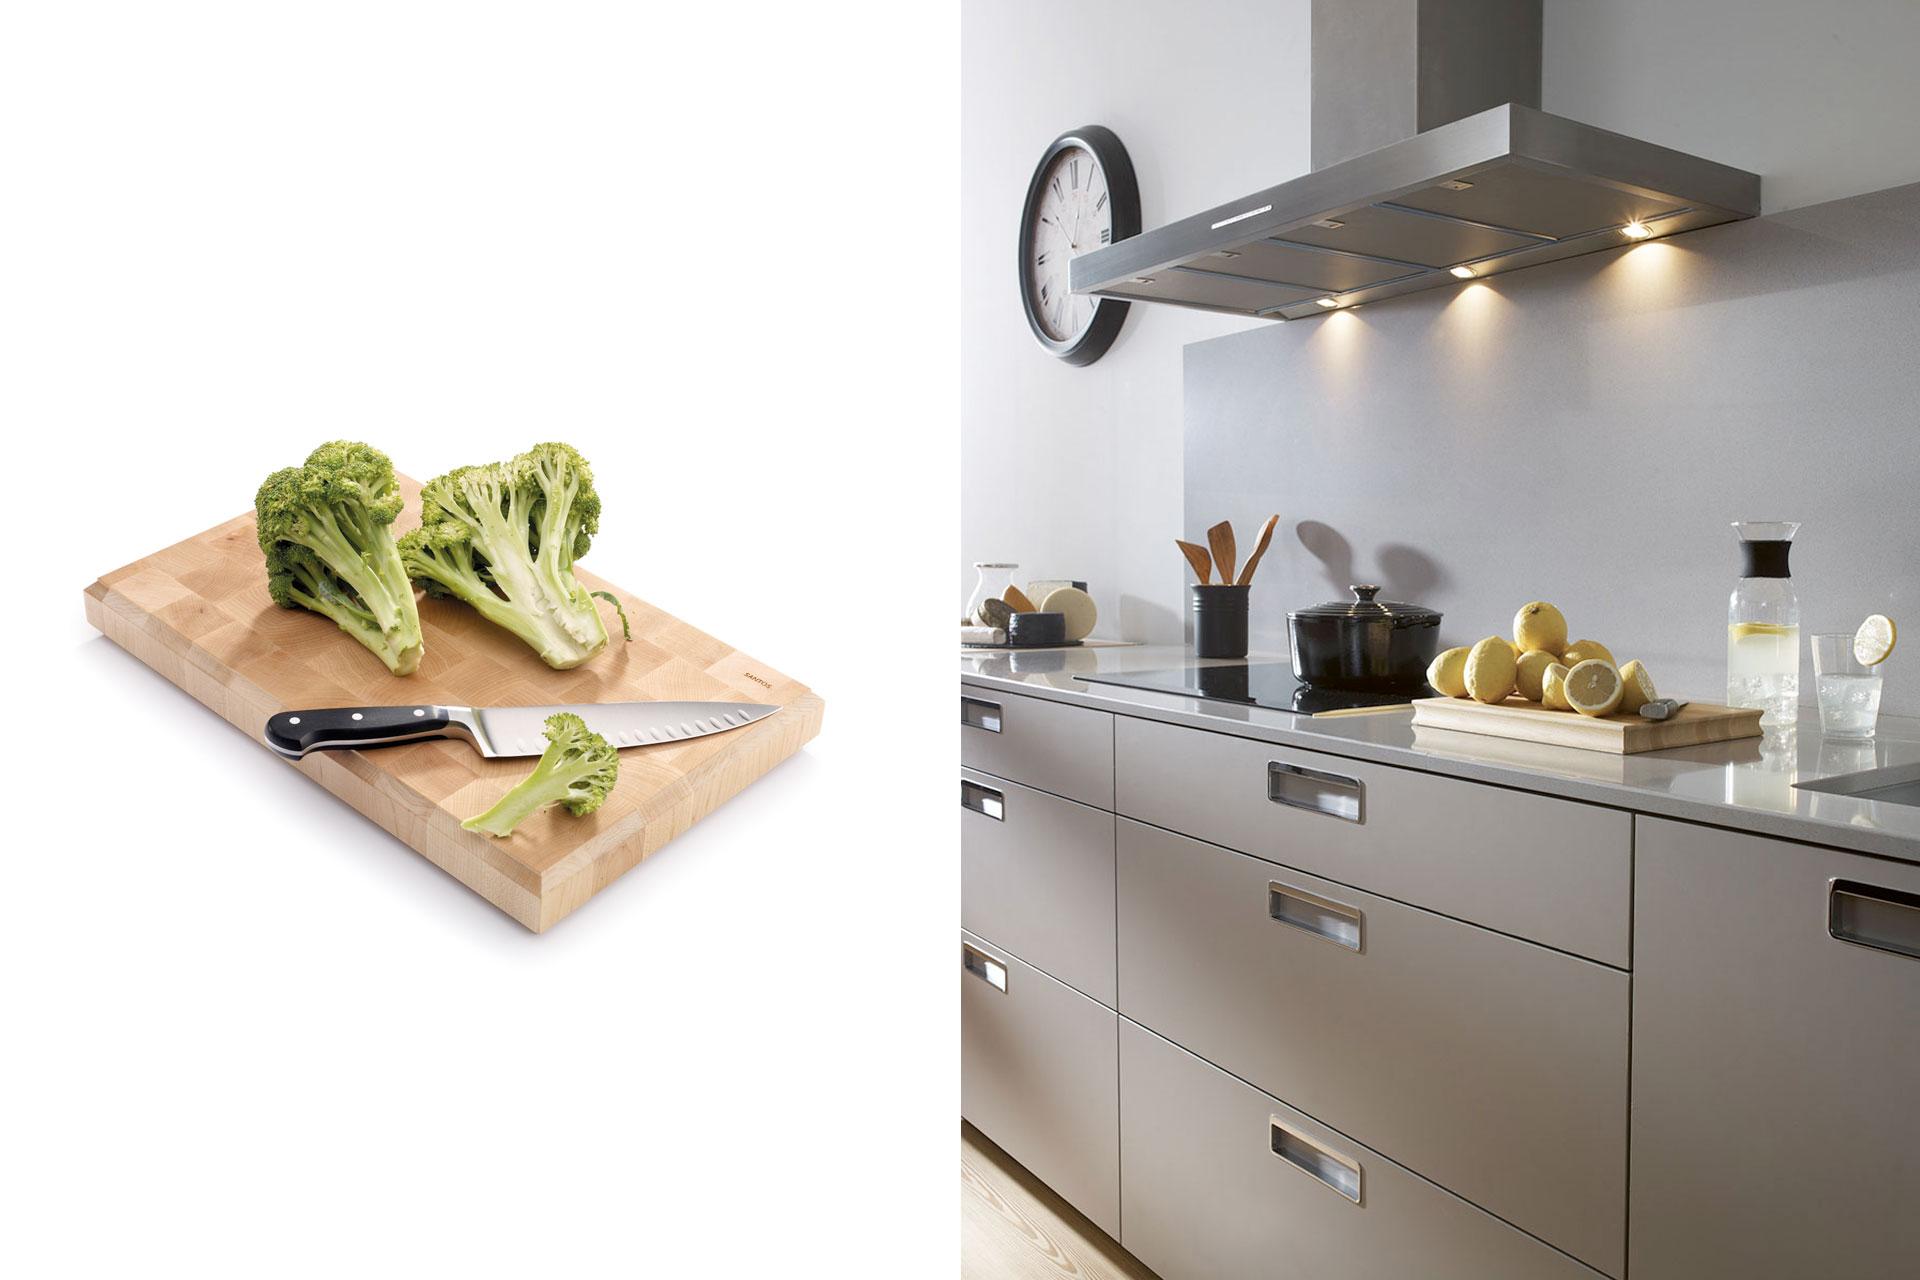 Accesorios de cocina Santos: orden y belleza   Tablas   Santiago Interiores